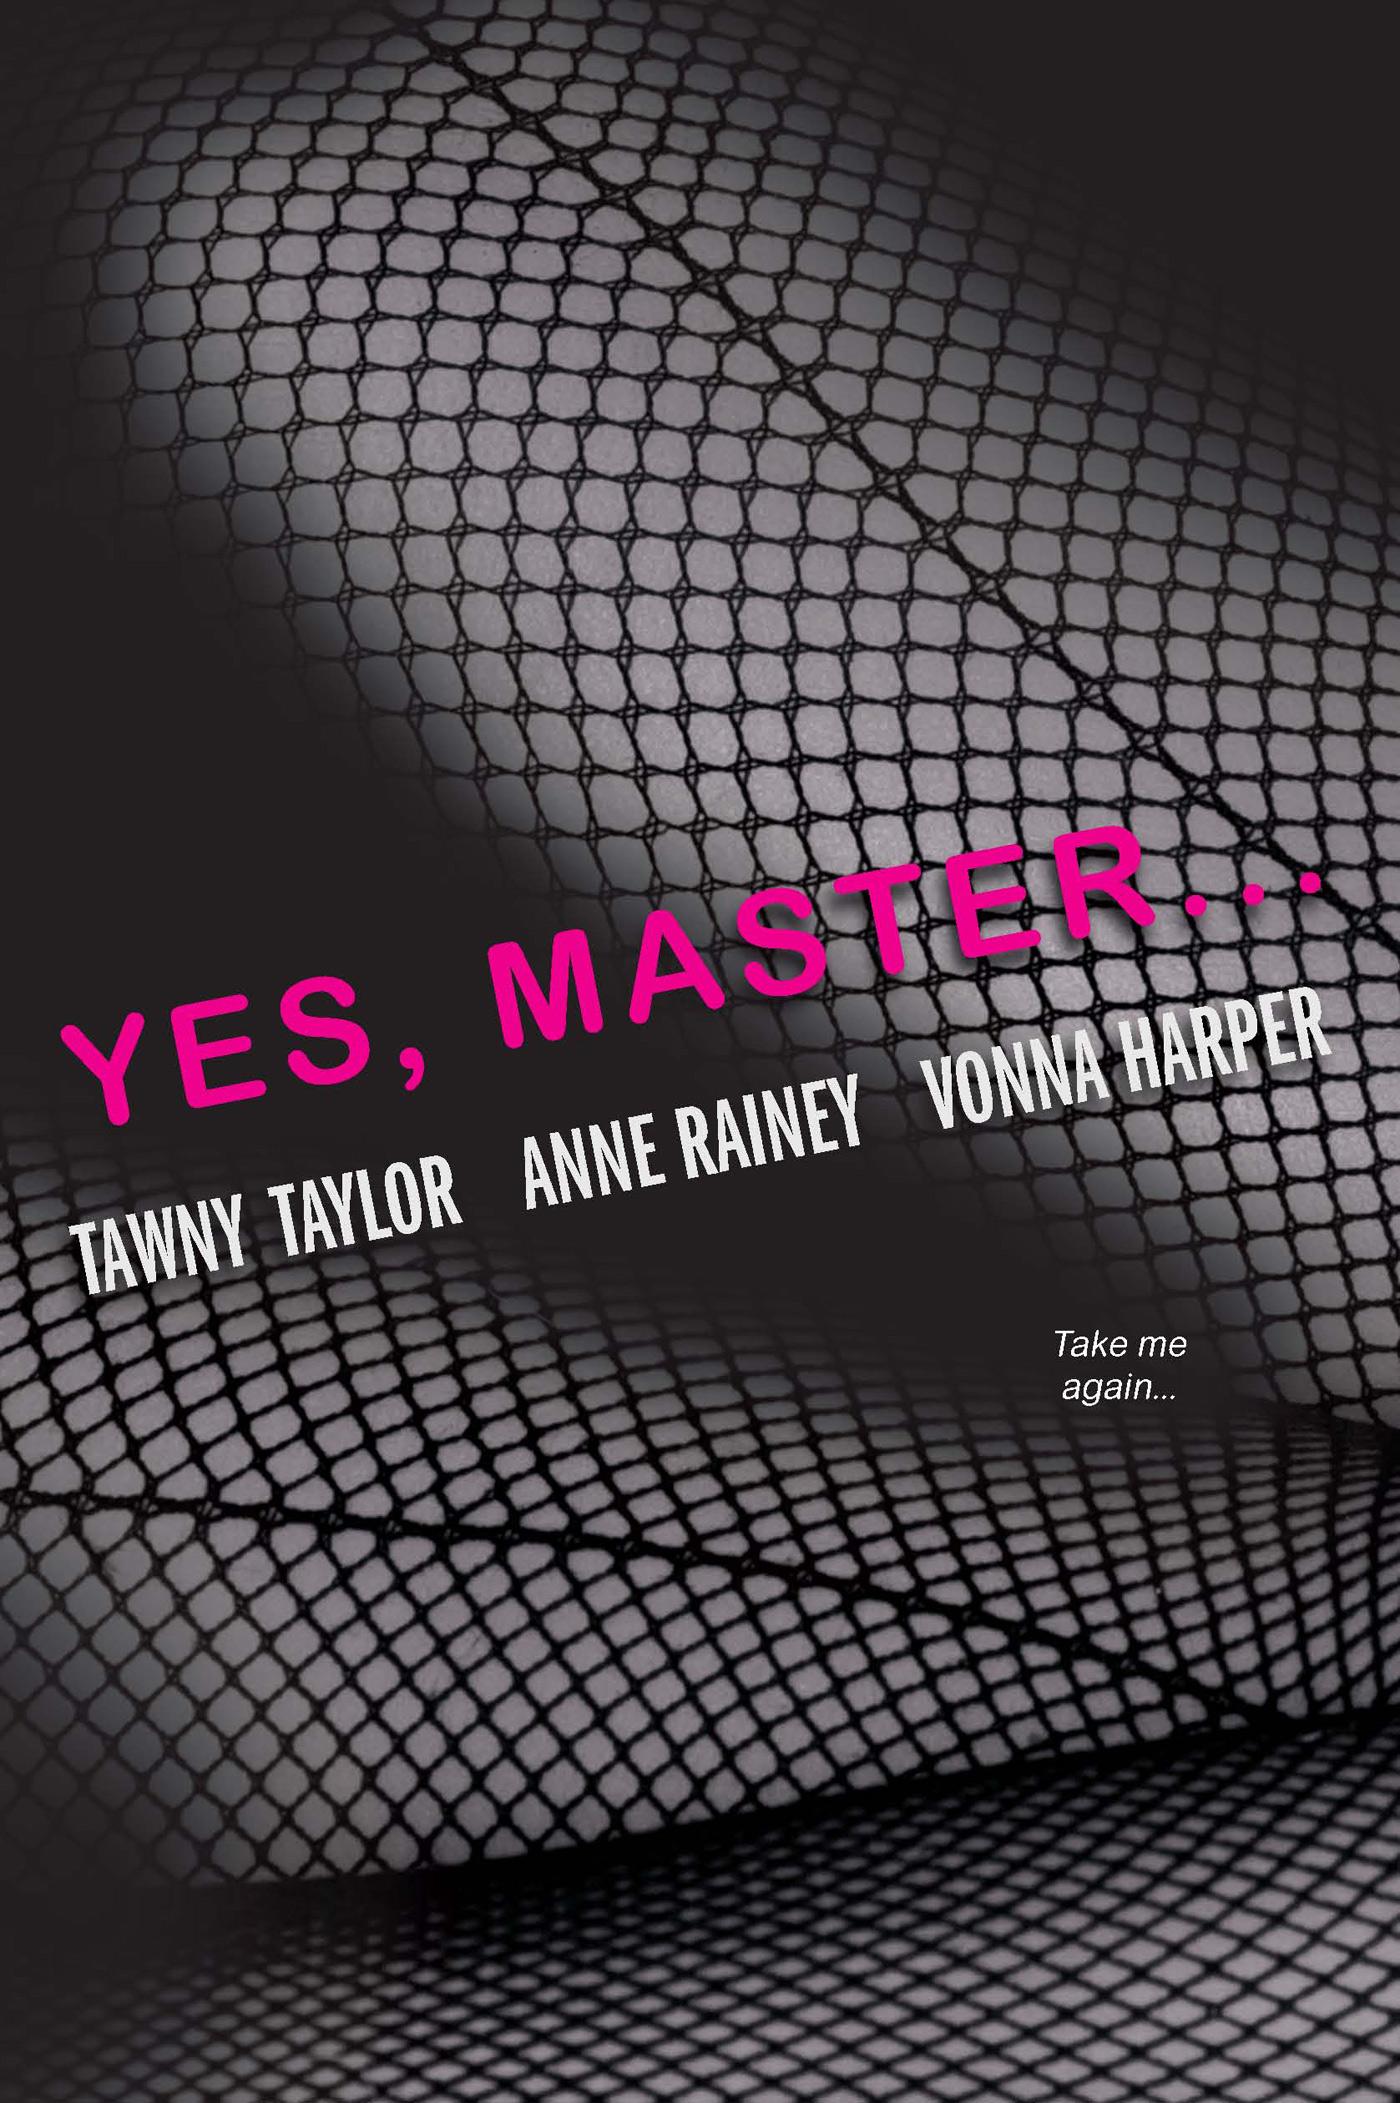 Yes, master--